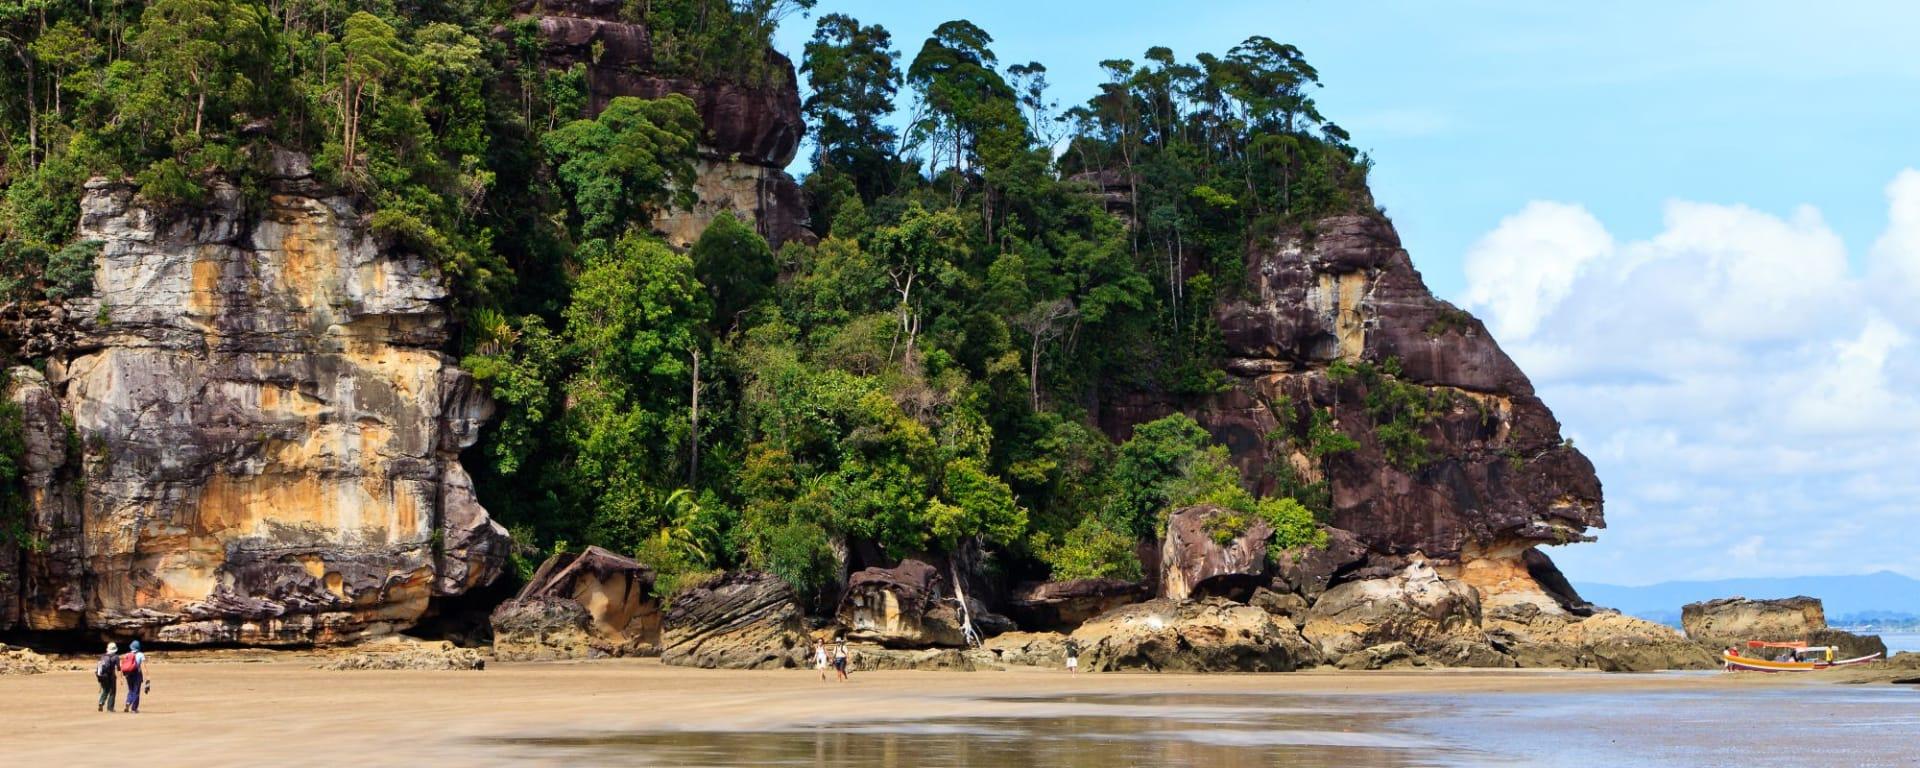 Les hauts lieux de Bornéo de Kuching: Bako National Park